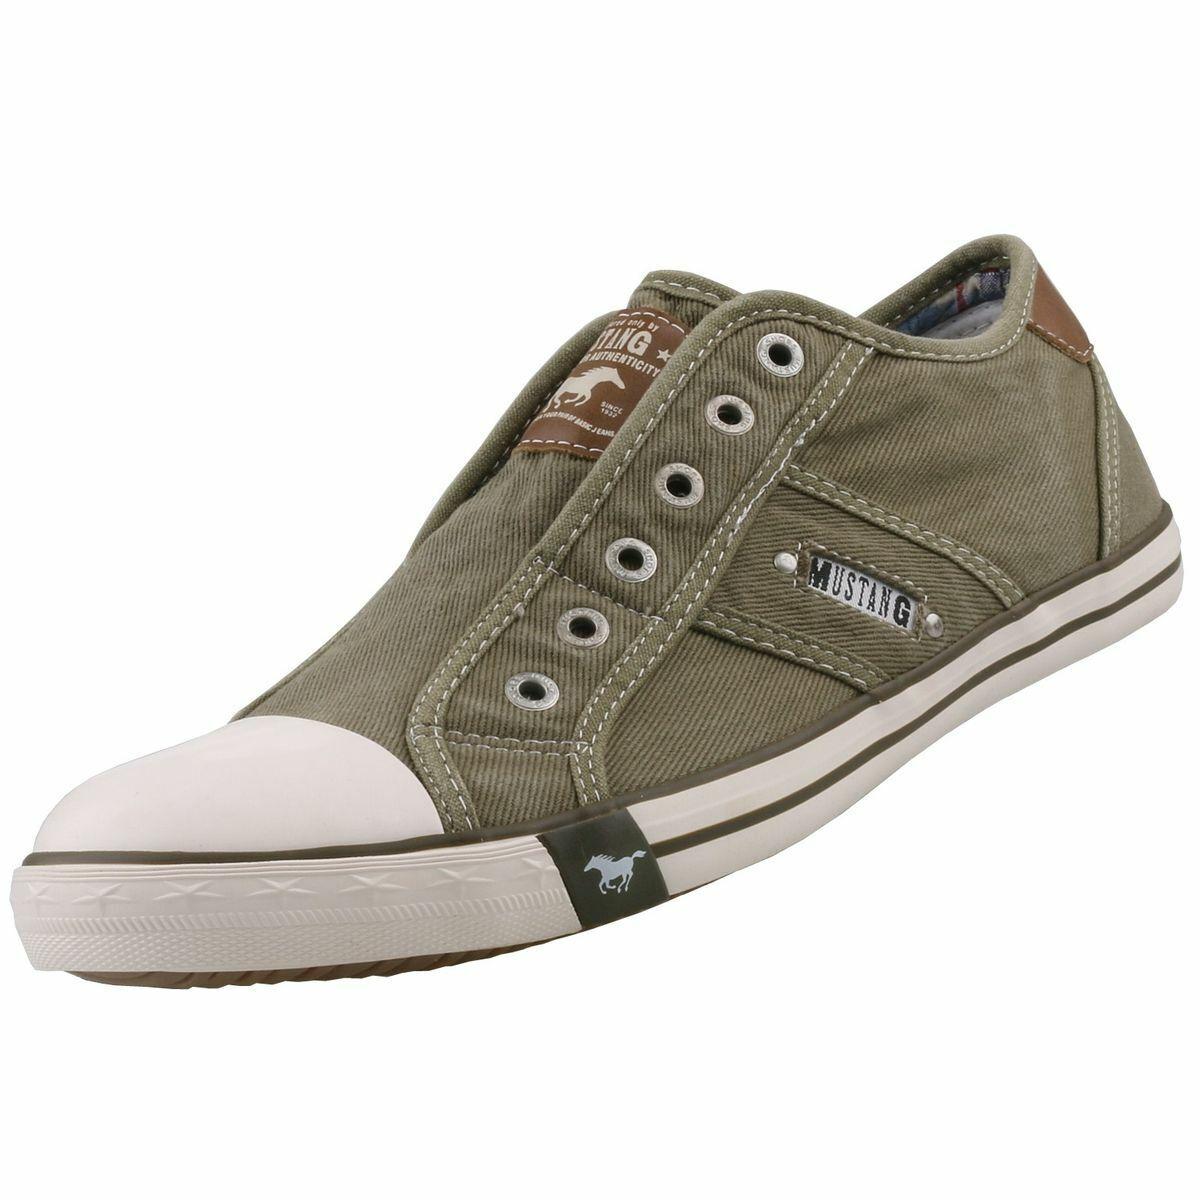 Nuevas Damas Zapatos De Lona Zapatos Zapatilla De Mustang Zapatos Zapatos Zapatos Informales zapatos  ventas al por mayor